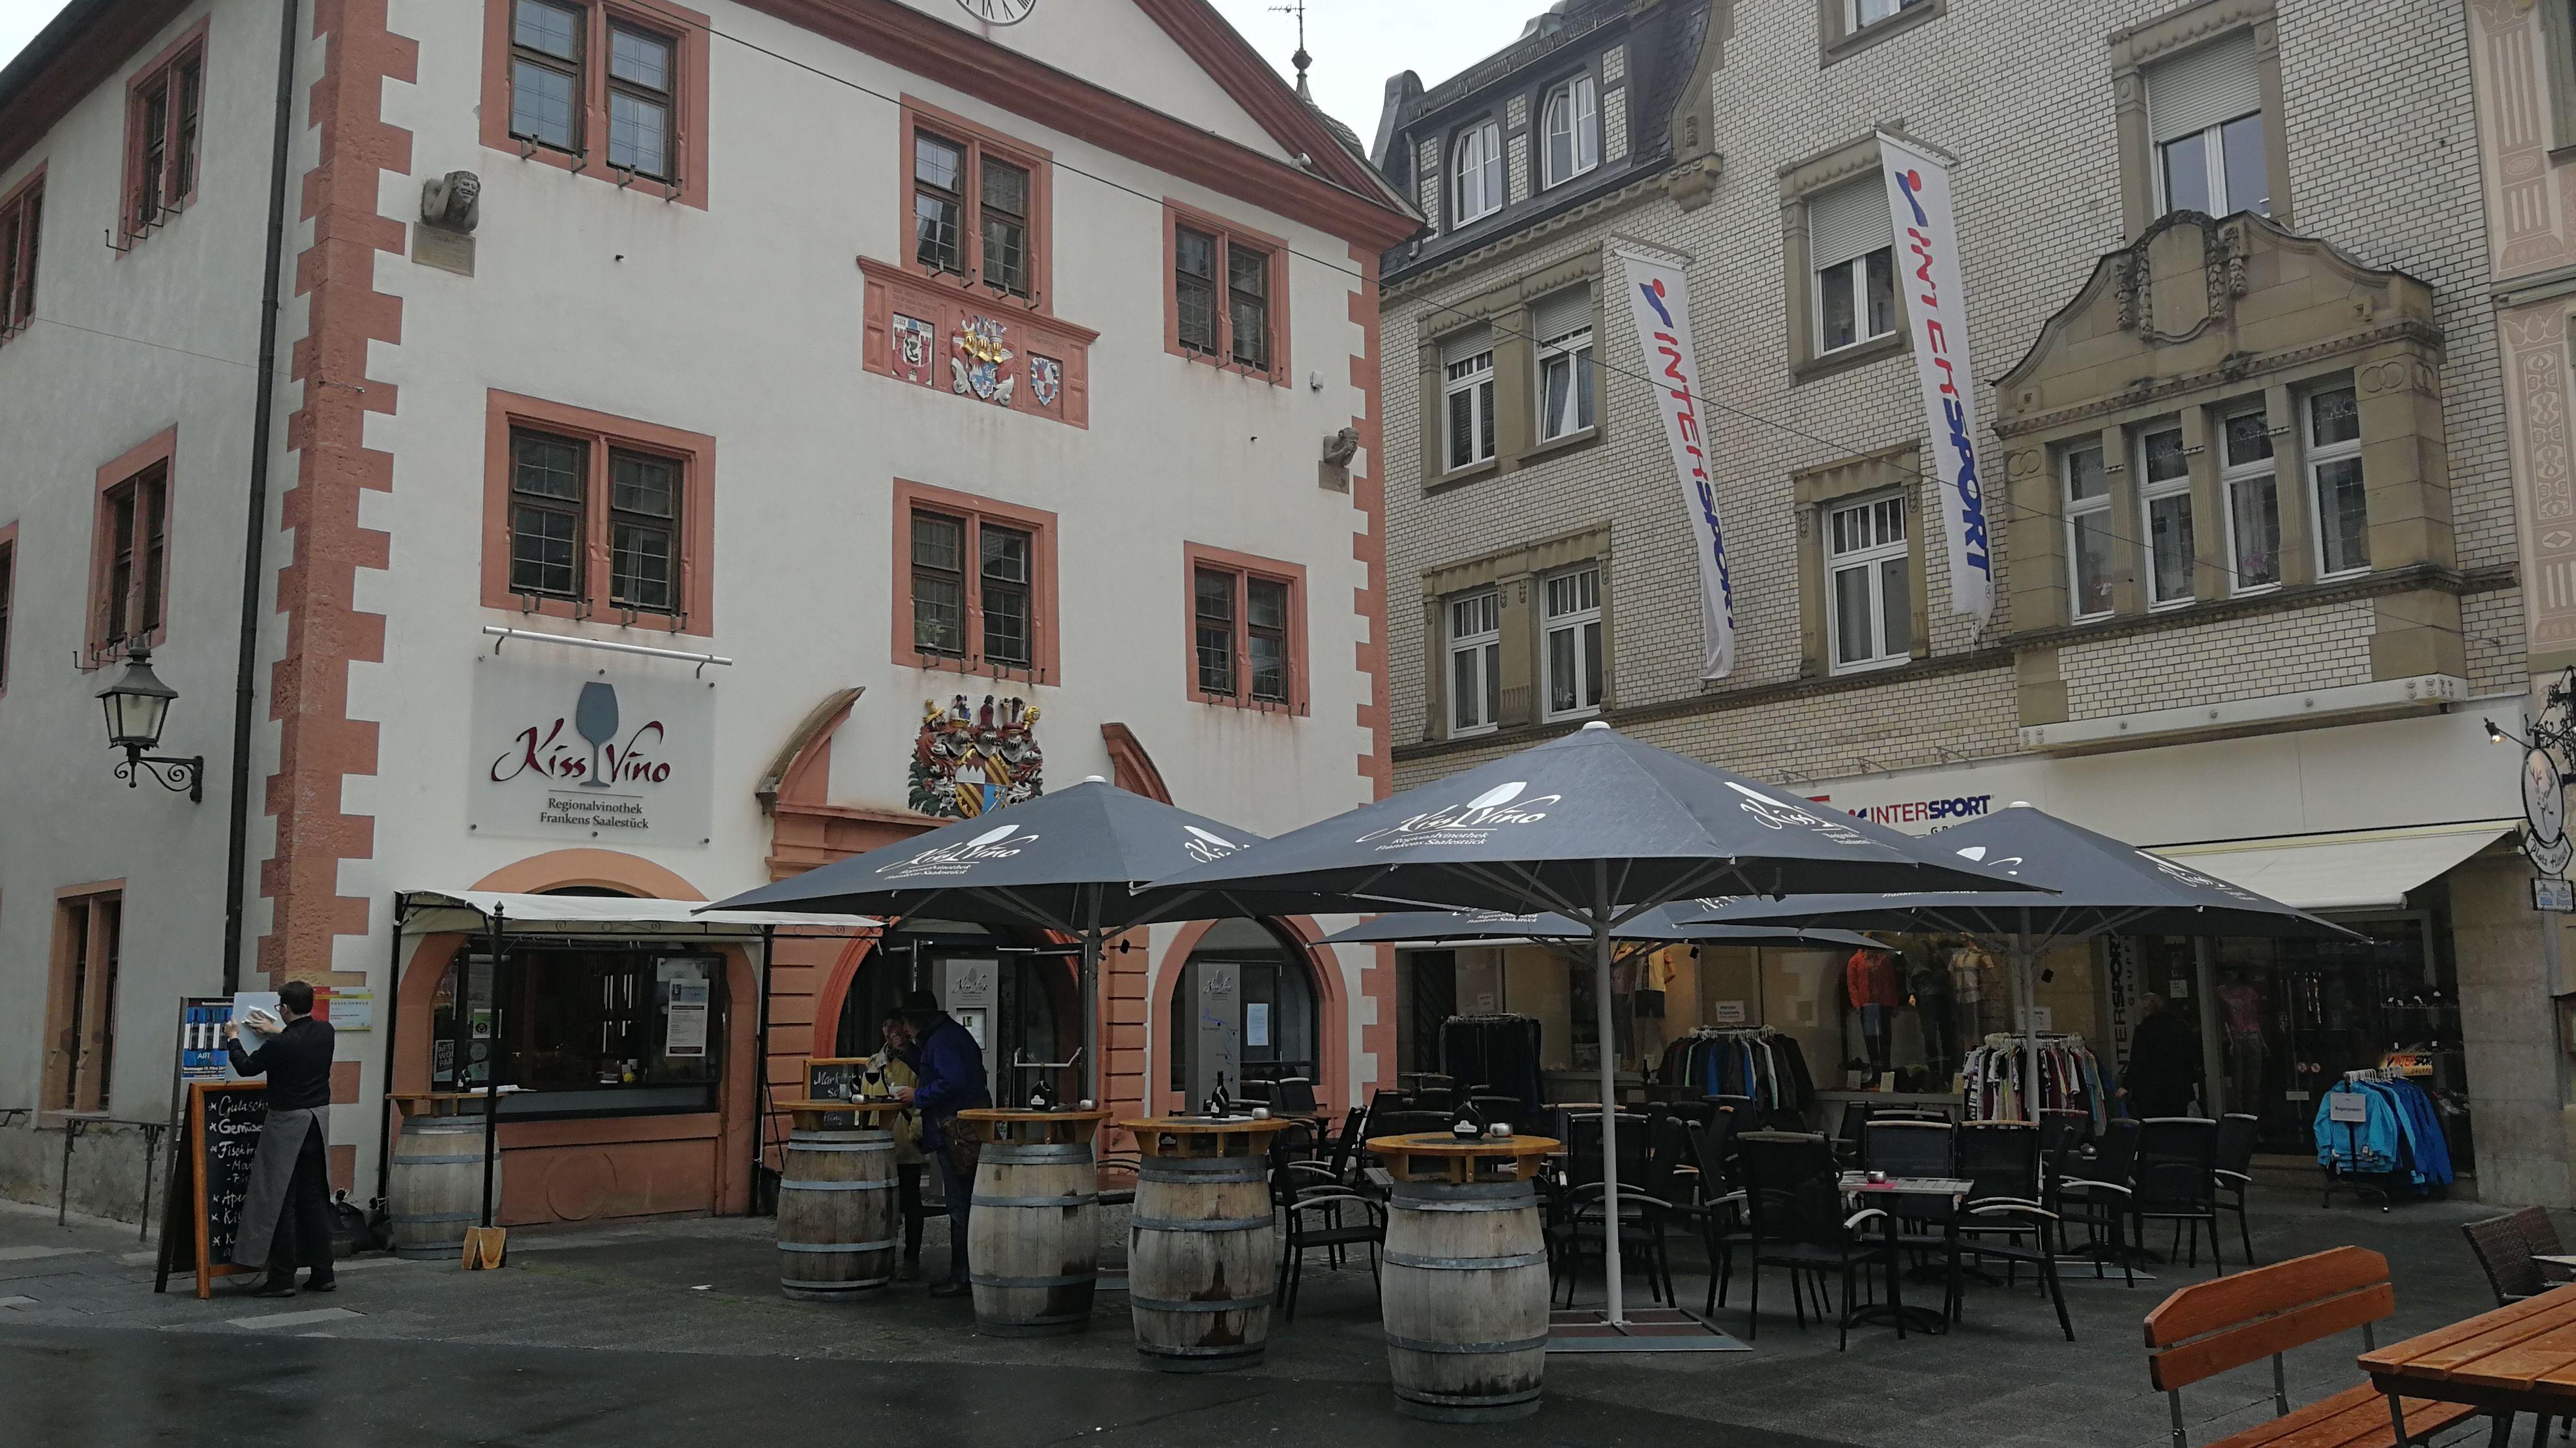 """Die Vinothek """"Kissvino"""" am Marktplatz von Bad Kissingen"""